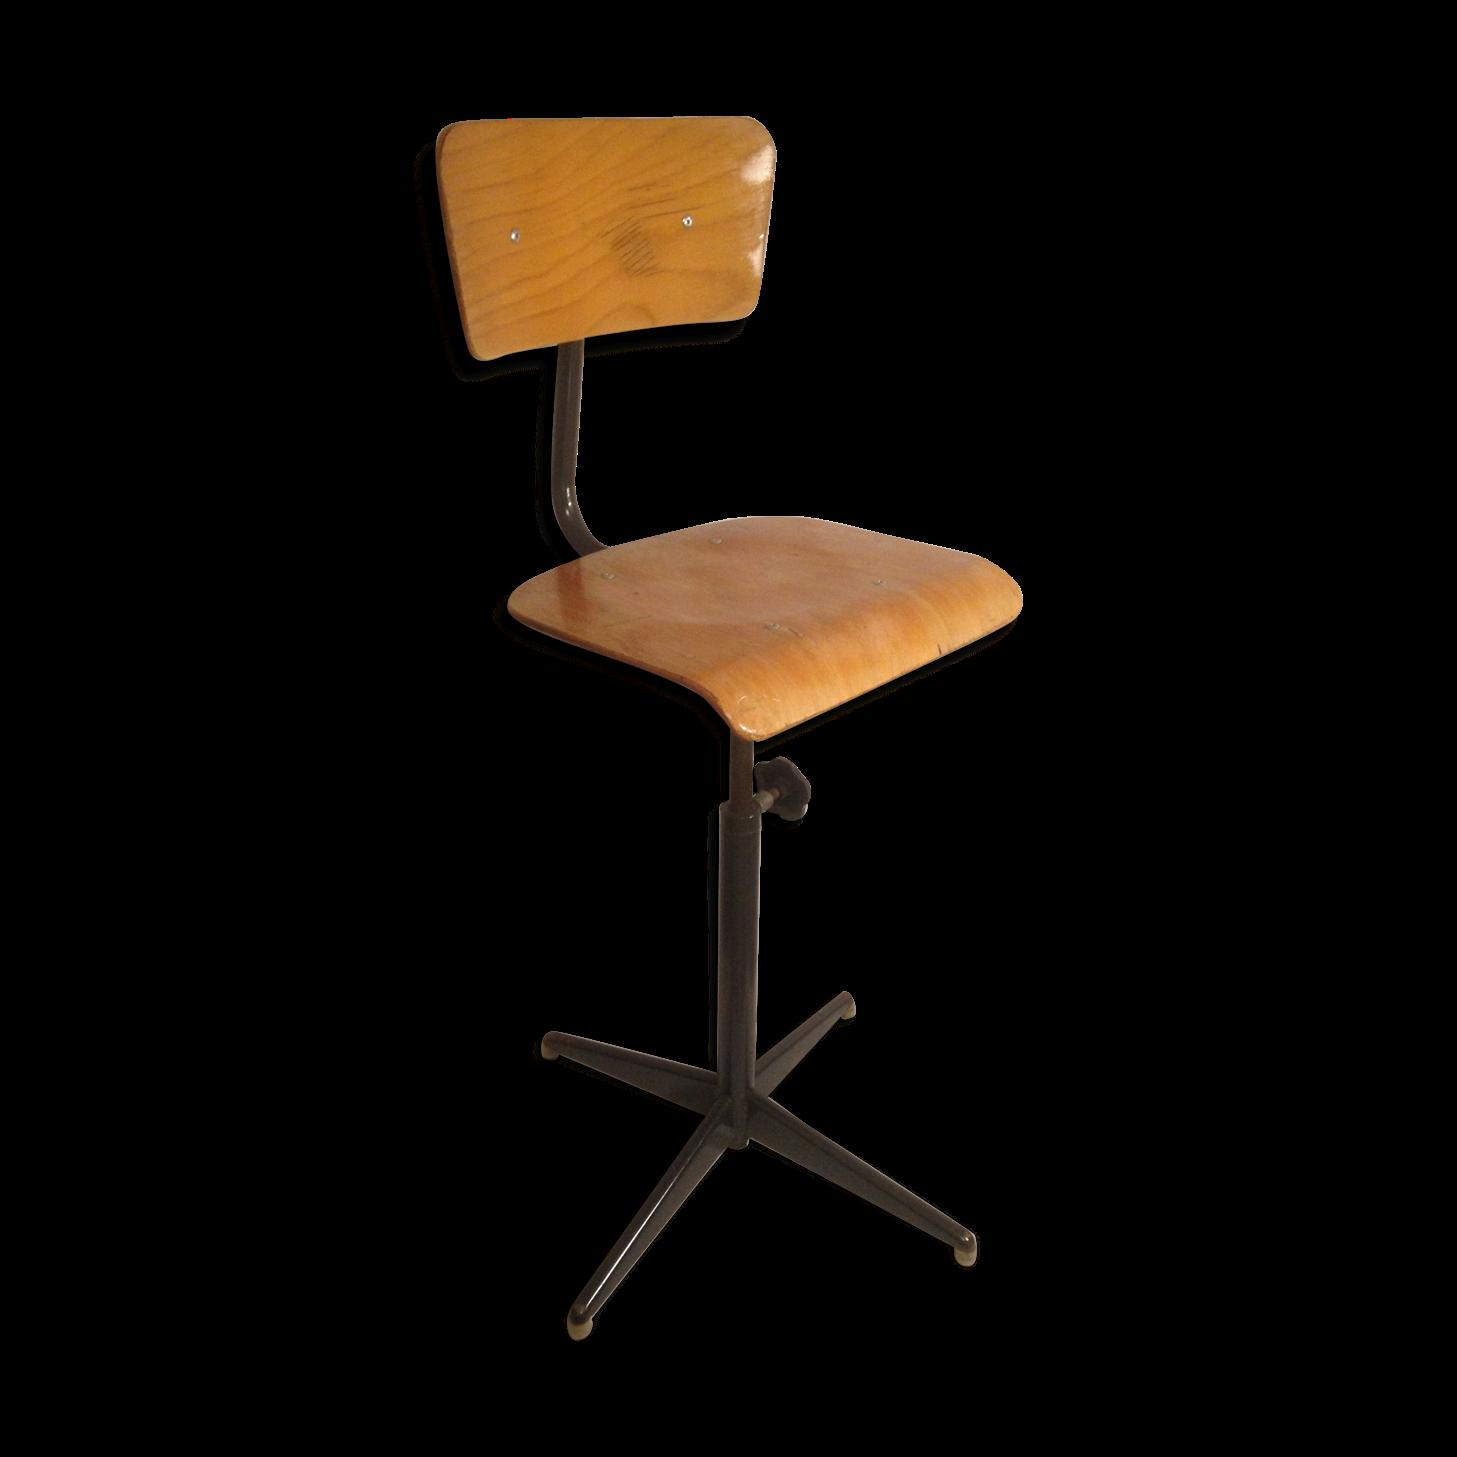 chaise-d-atelier-ancienne-annee-70-reglable-metal-bois-vintage_original Meilleur De De Tabouret De Bar Sans Dossier Conception